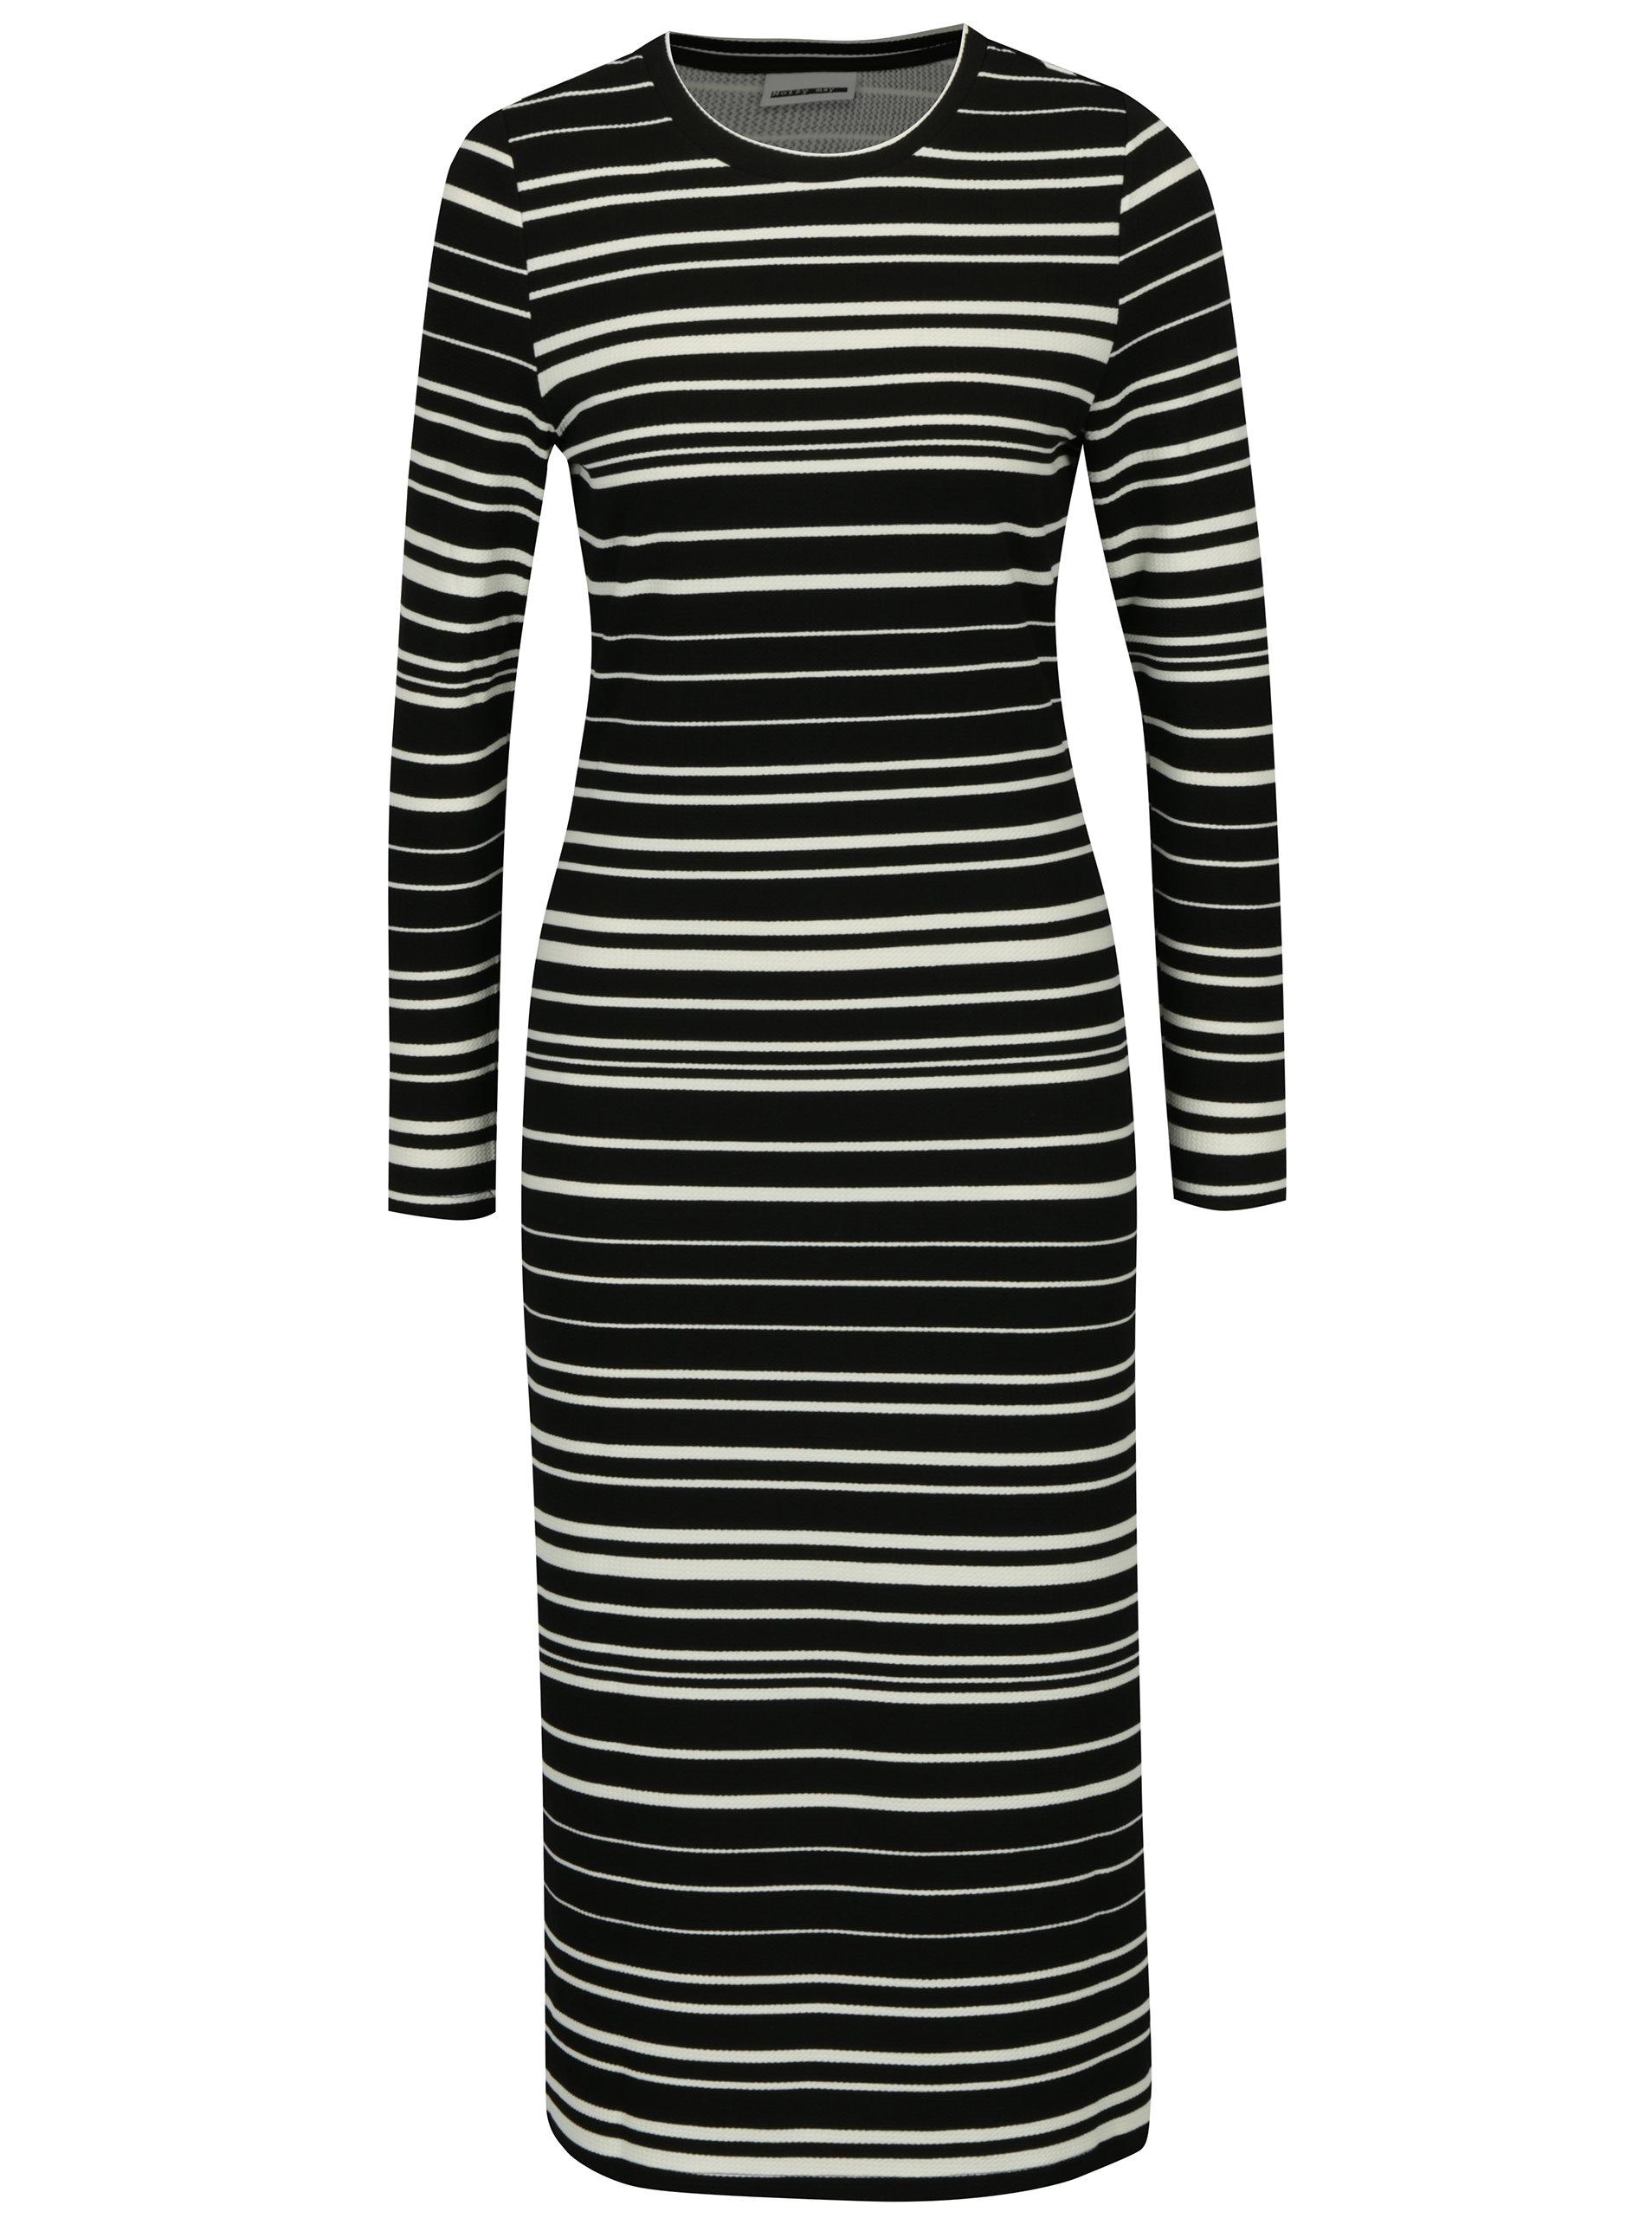 Krémovo-černé pruhované šaty Noisy May Lina ... 0afee86485